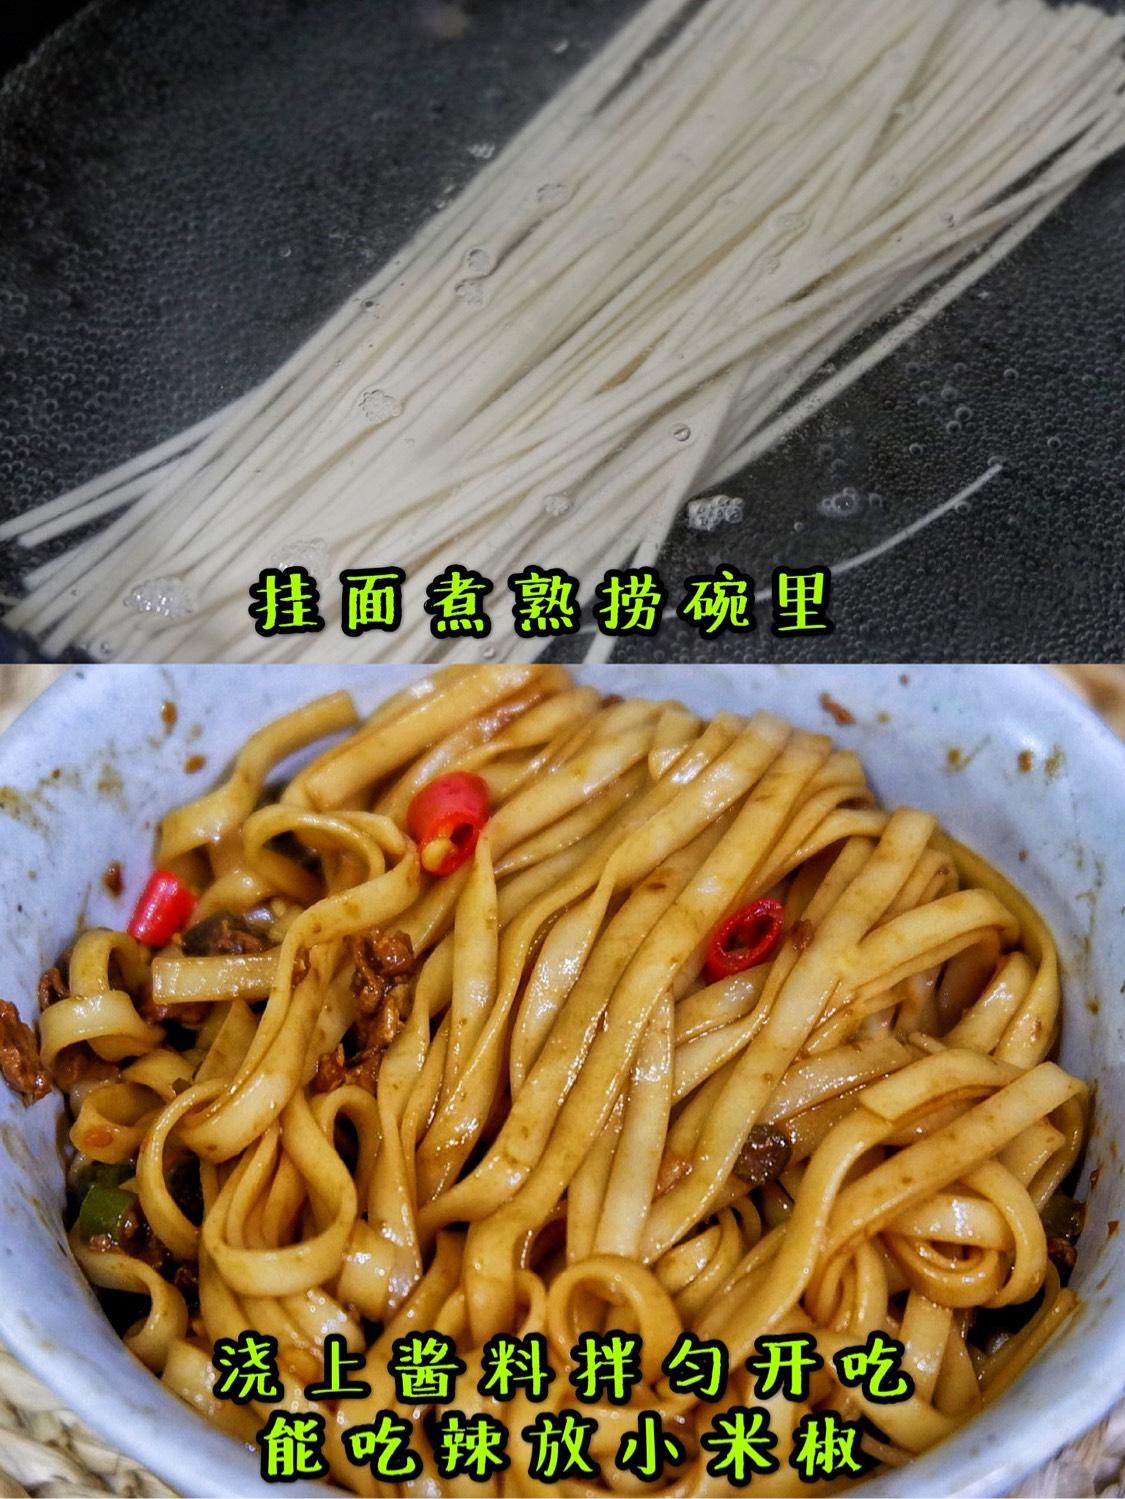 另起锅煮熟挂面,捞碗里浇上酱料,能吃辣的在撒点小米椒,拌匀开吃吧,巨过瘾!